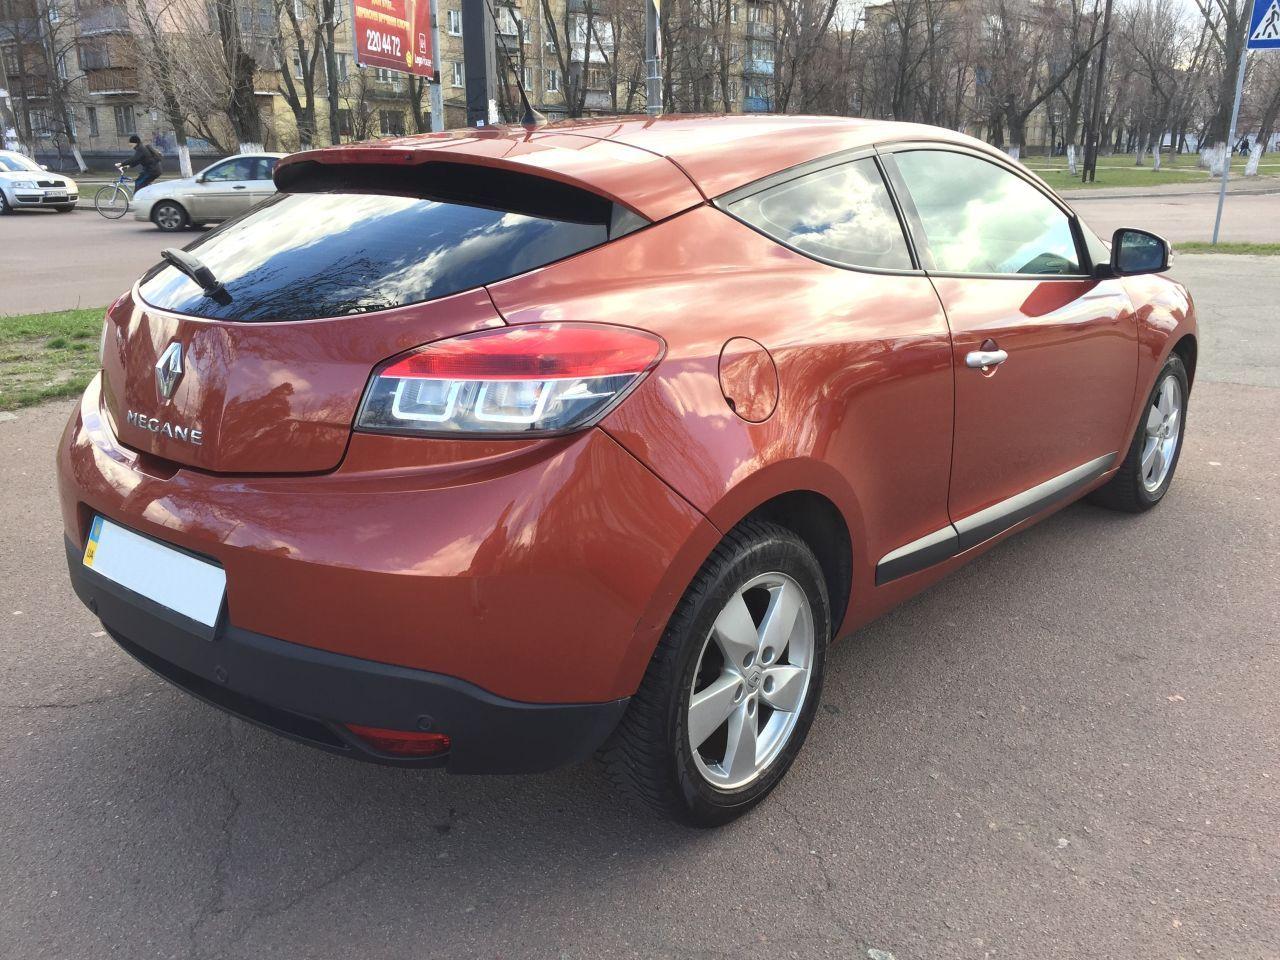 Renault Megane 2010 года 2 литра Всем привет Cvt бензин